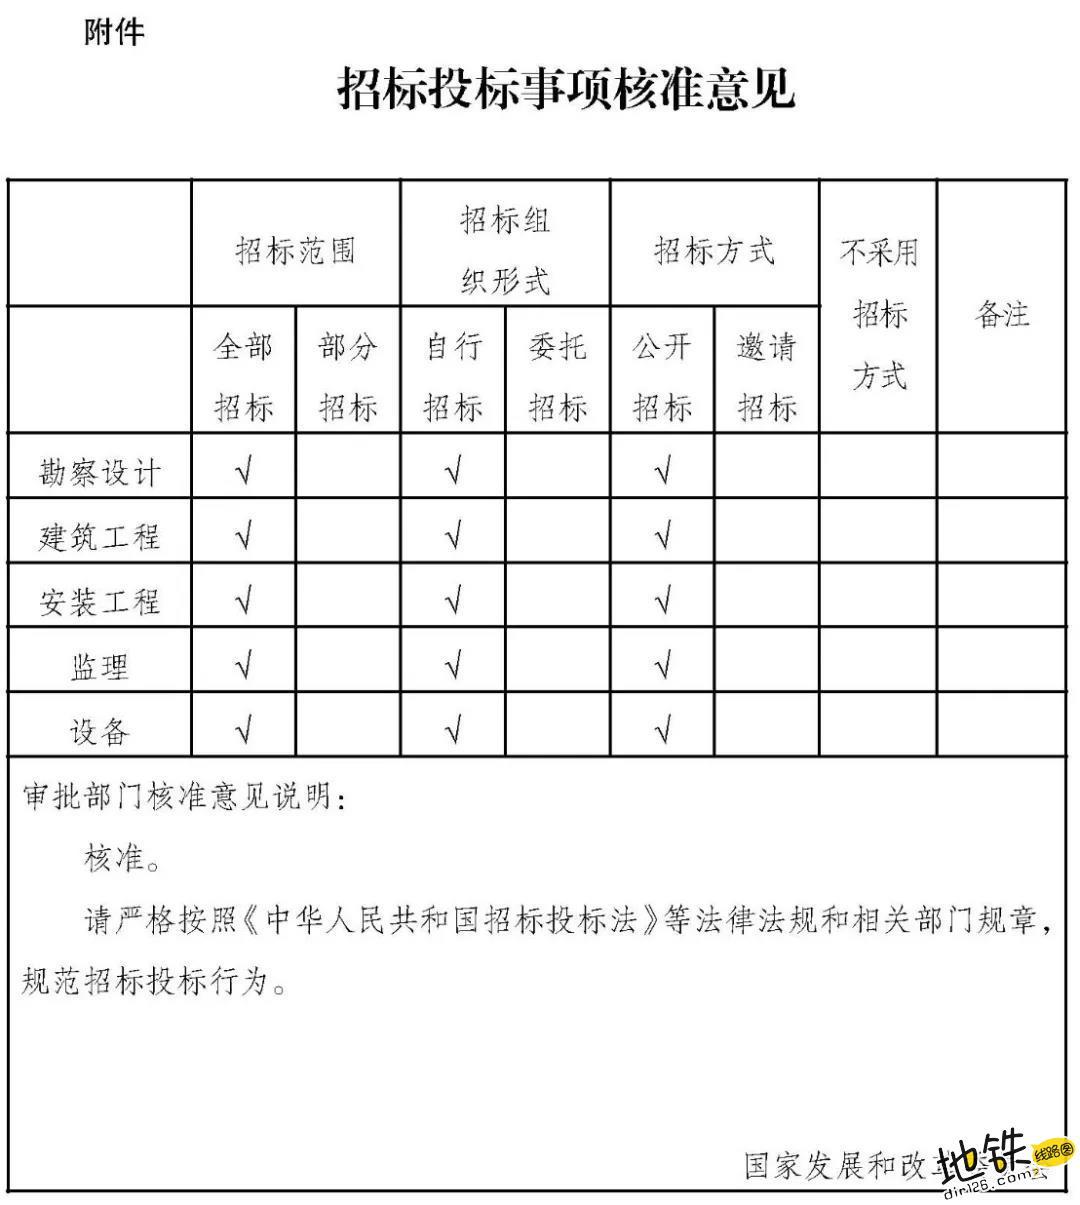 重磅!国家发改委批复新建重庆至黔江铁路可行性研究报告 批复 报告 铁路 黔江 重庆 轨道动态  第2张